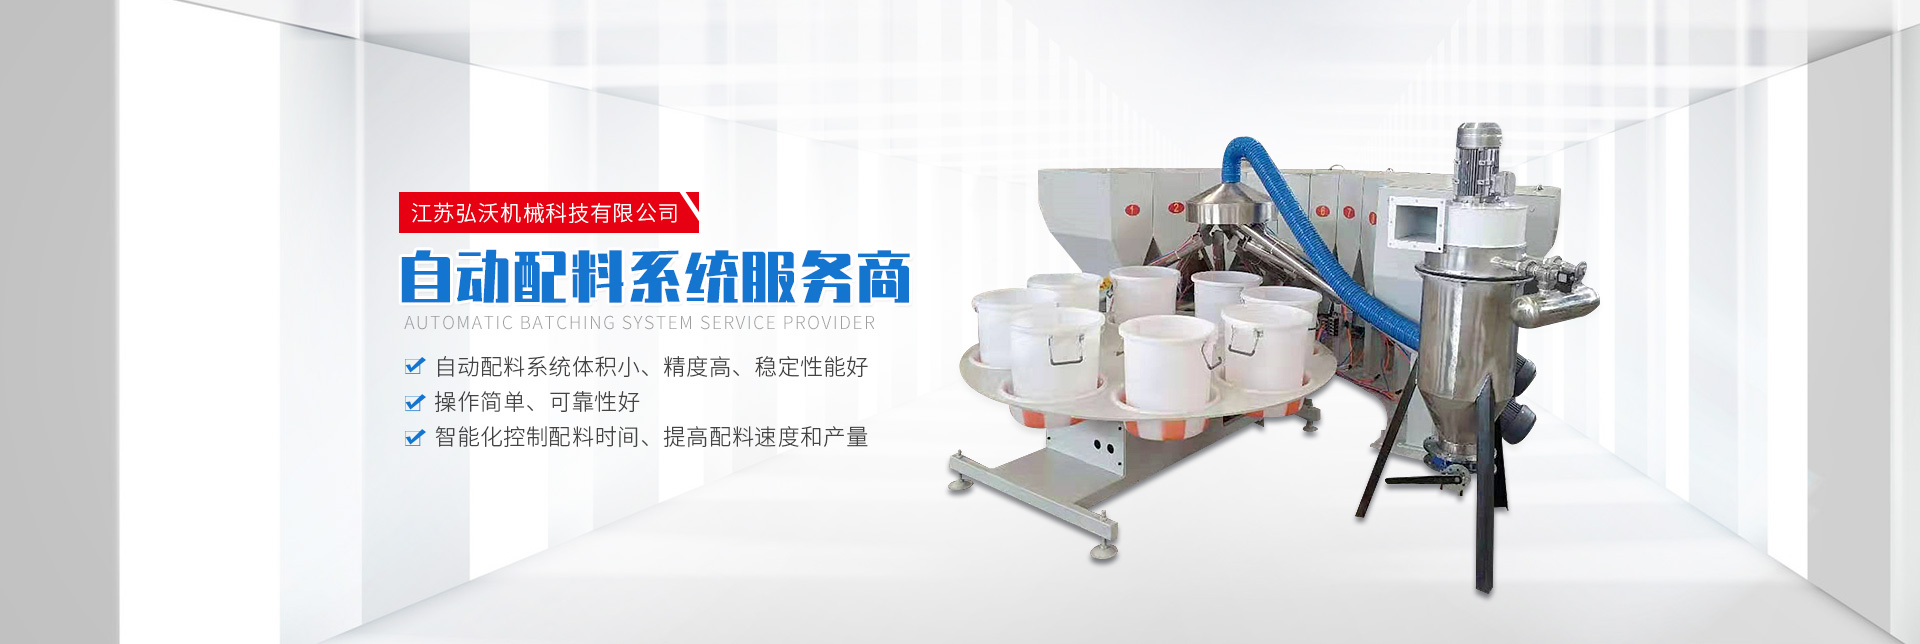 江苏弘沃机械科技有限公司